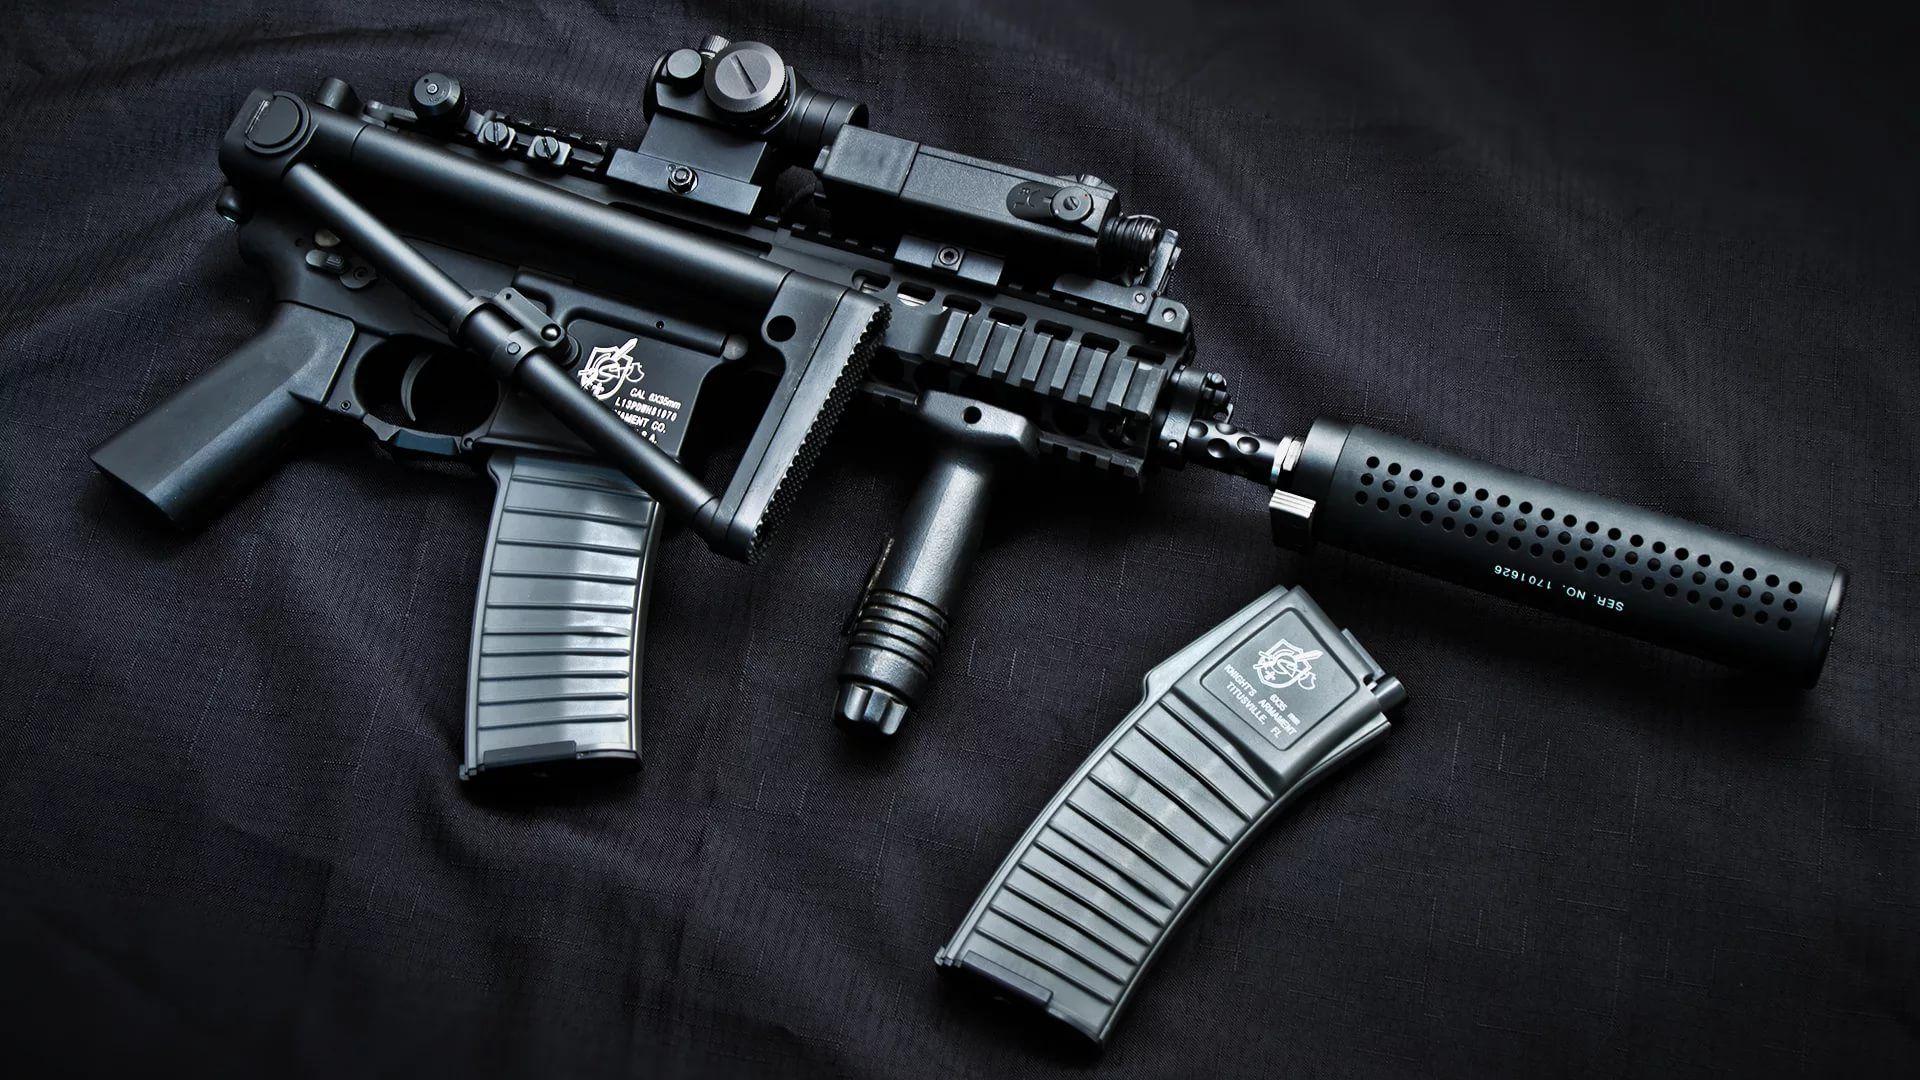 Gun For Desktop full wallpaper